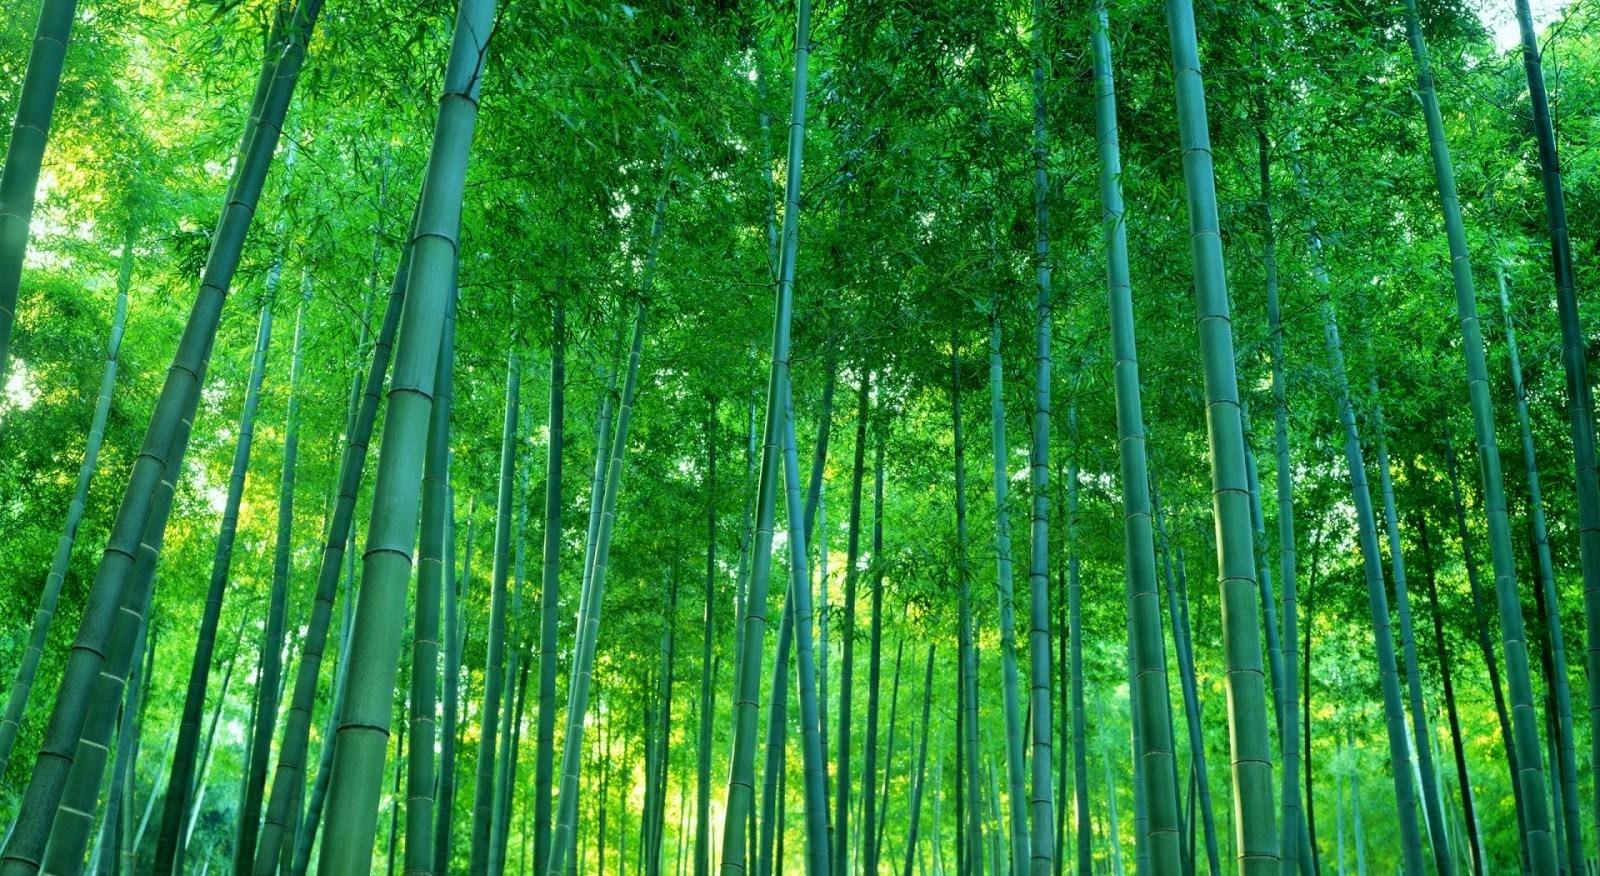 Hình ảnh rừng tre xanh